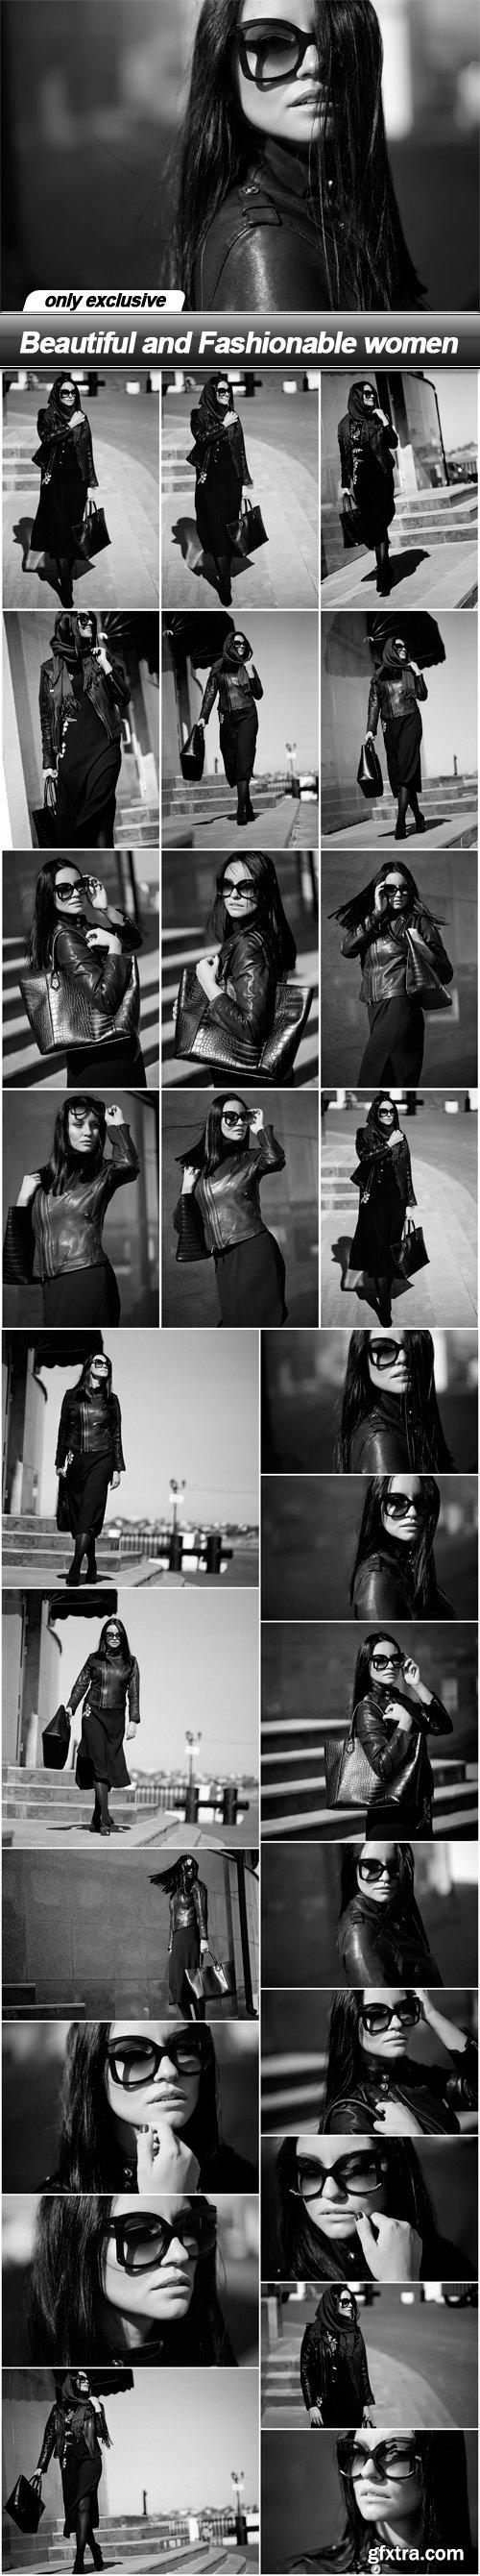 Beautiful and Fashionable women - 25 UHQ JPEG